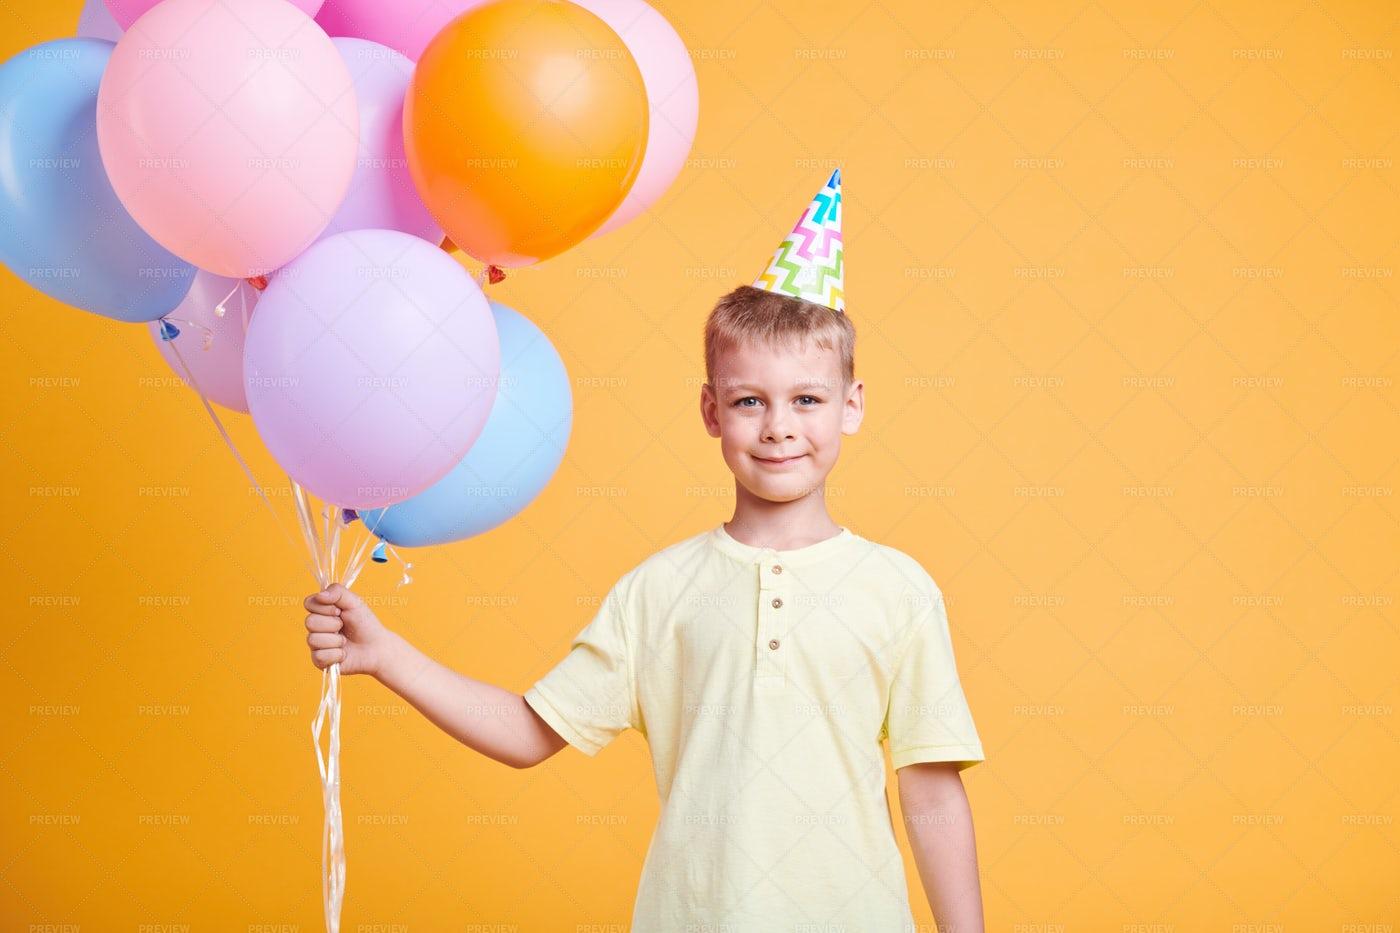 Cute Boy With Balloons: Stock Photos